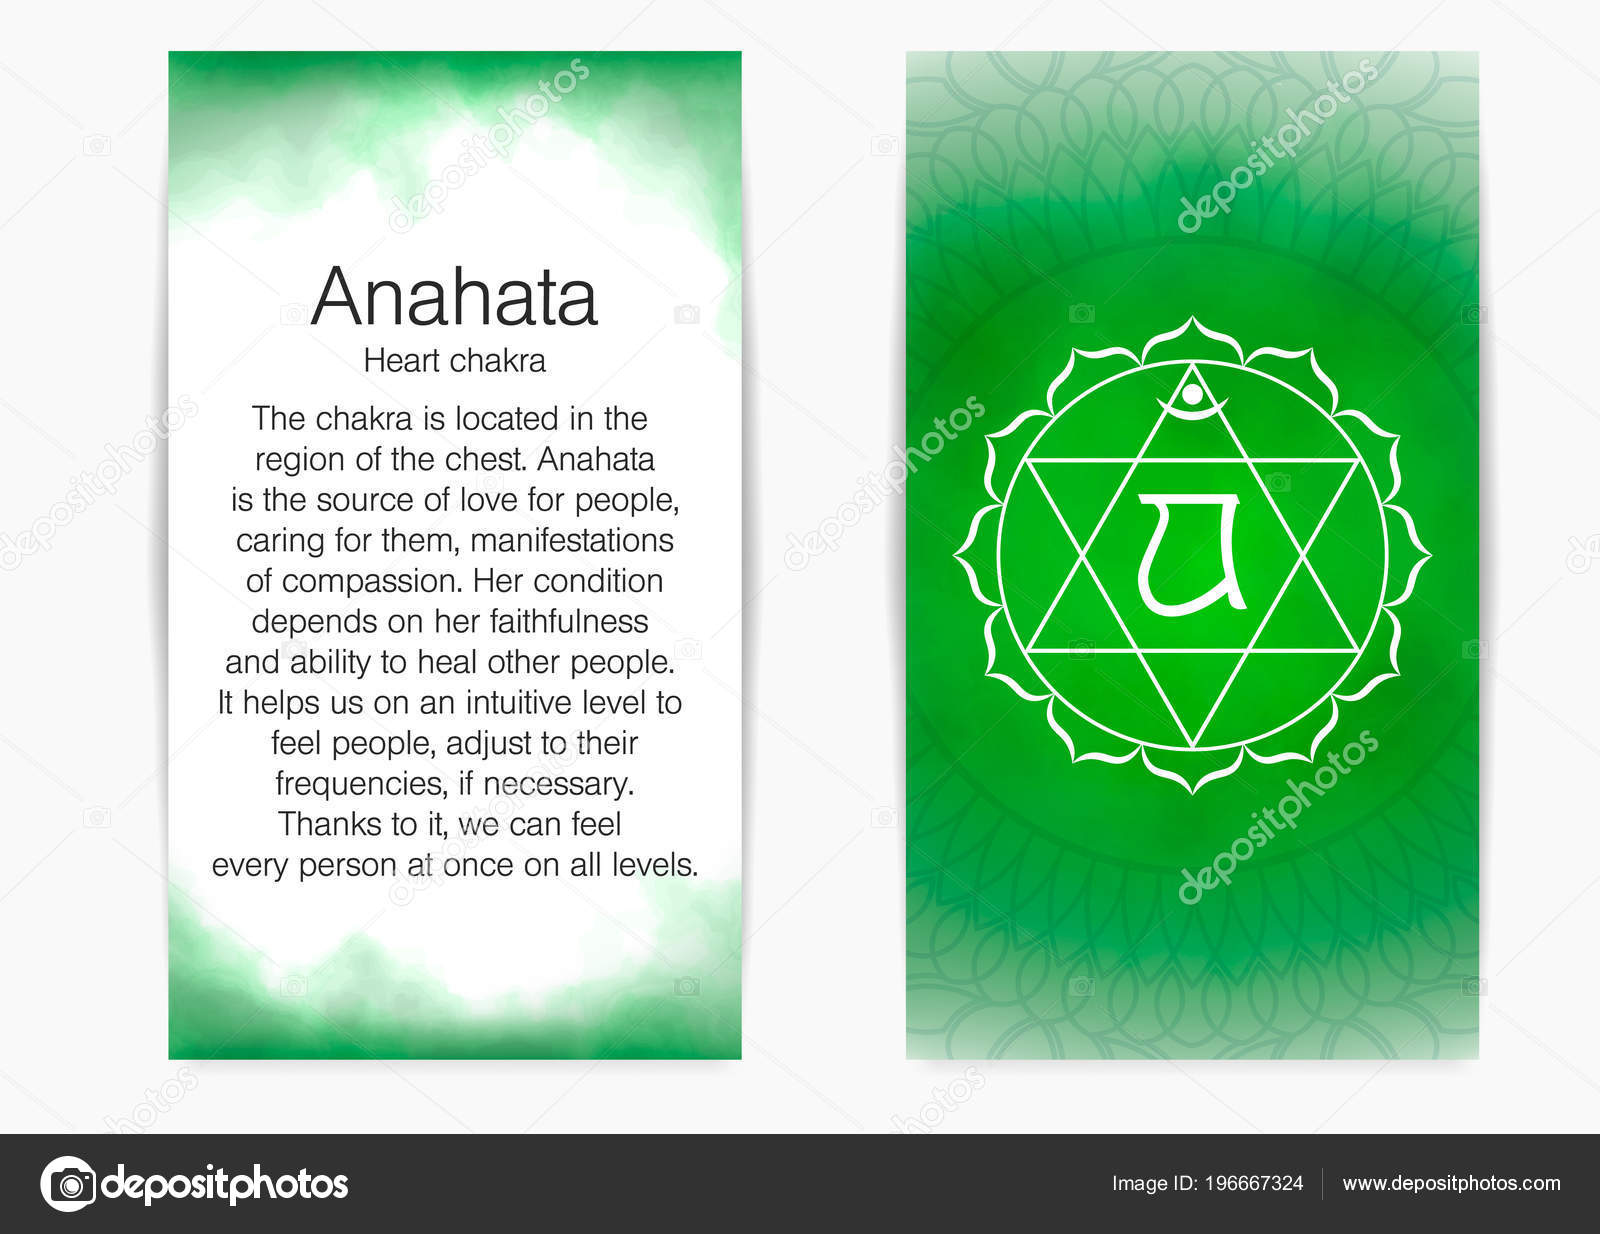 Cuarto, chakra corazón - Anahata. — Archivo Imágenes Vectoriales ...